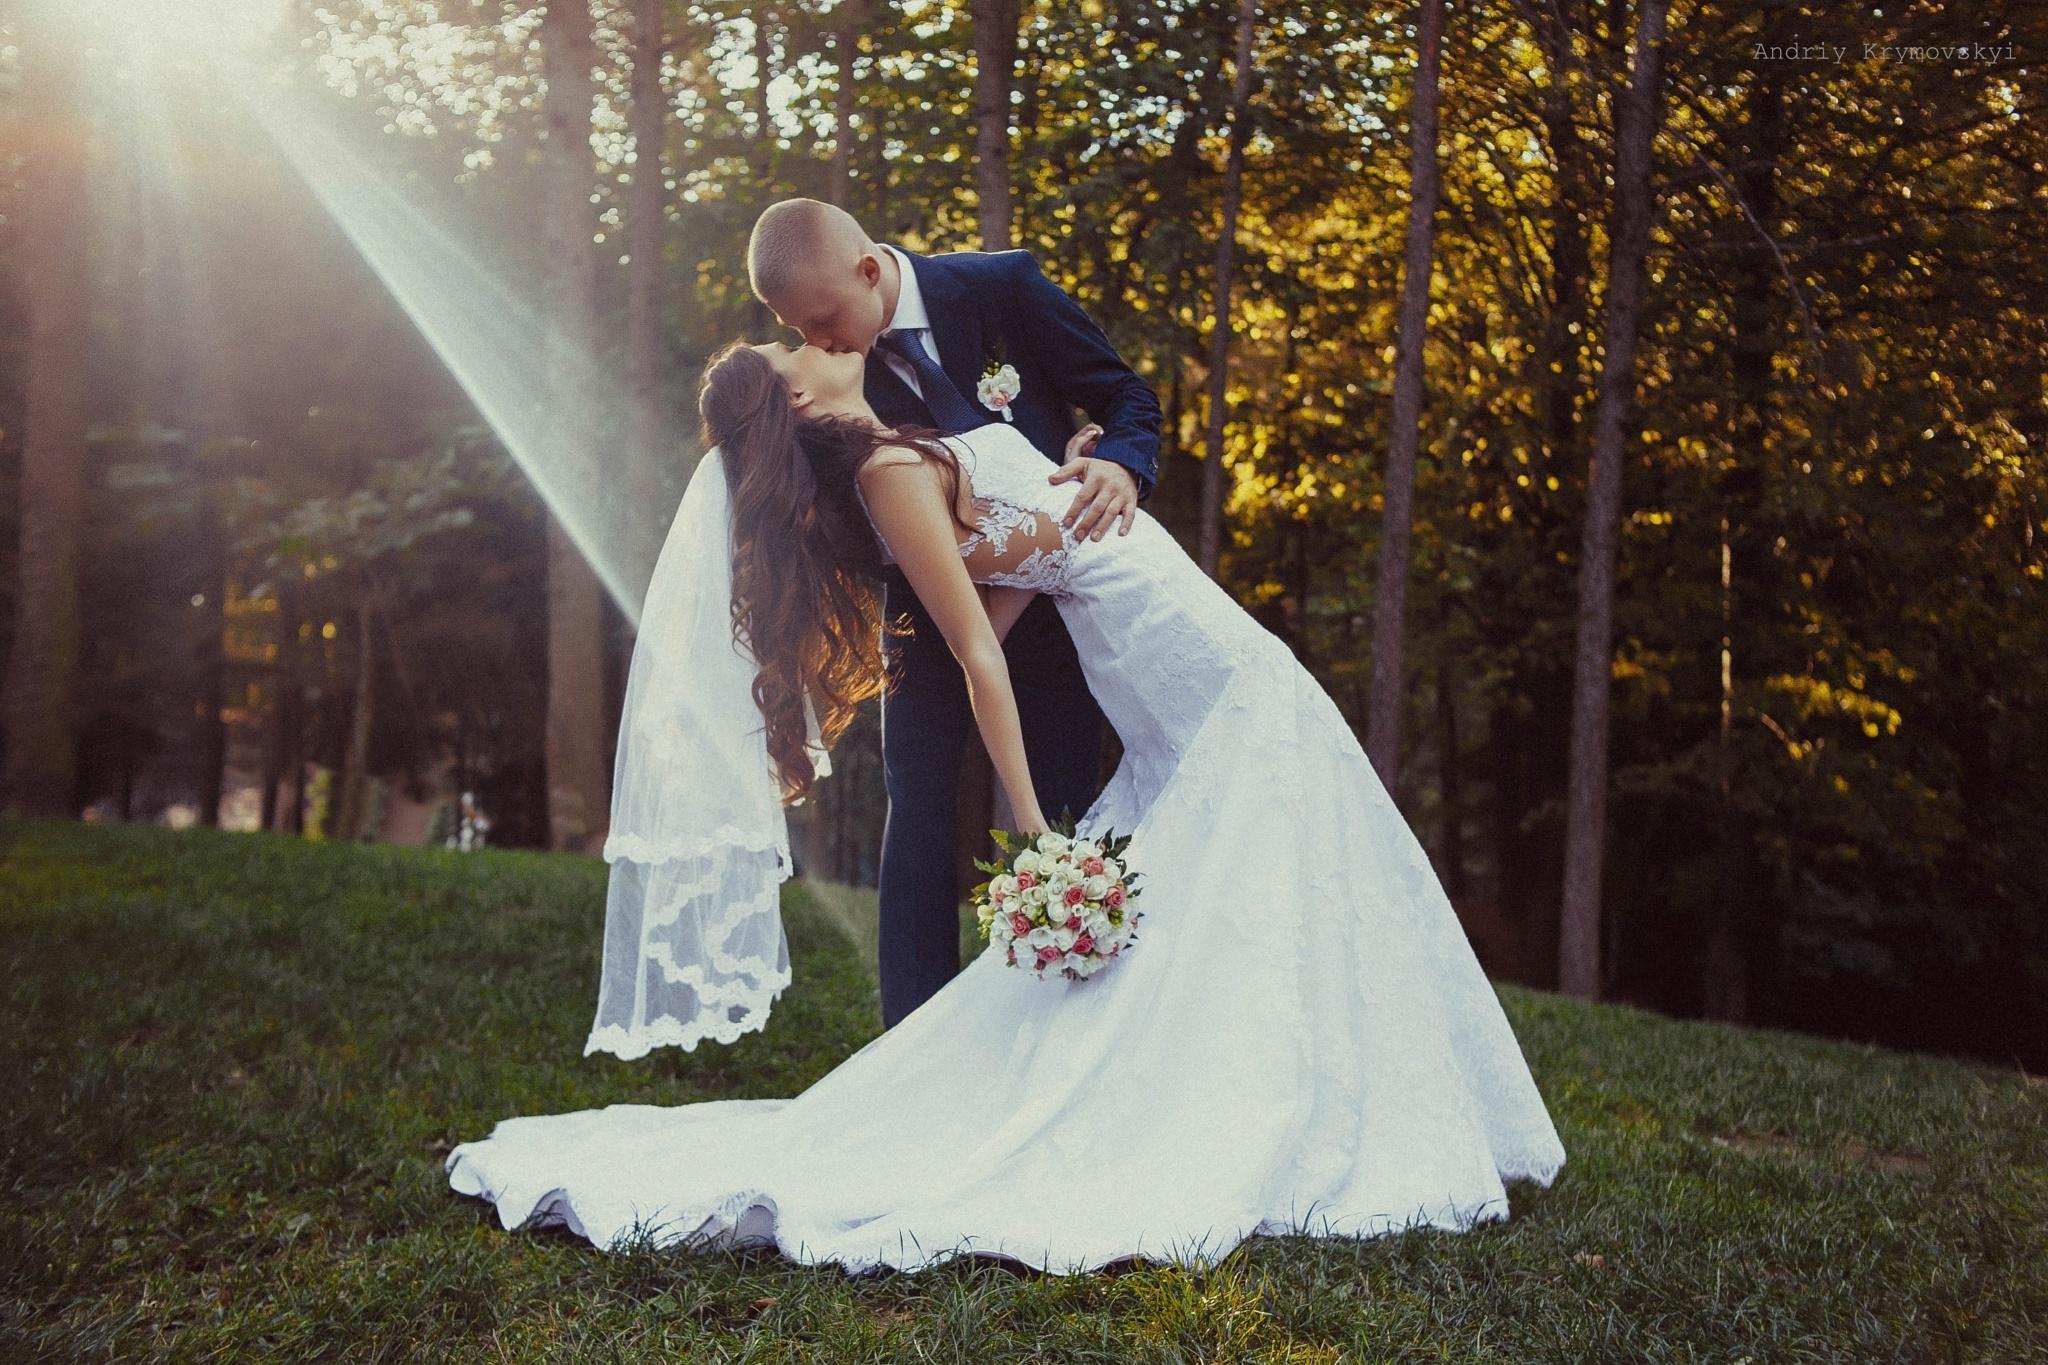 beautiful wedd by Andriy Krymovskyi